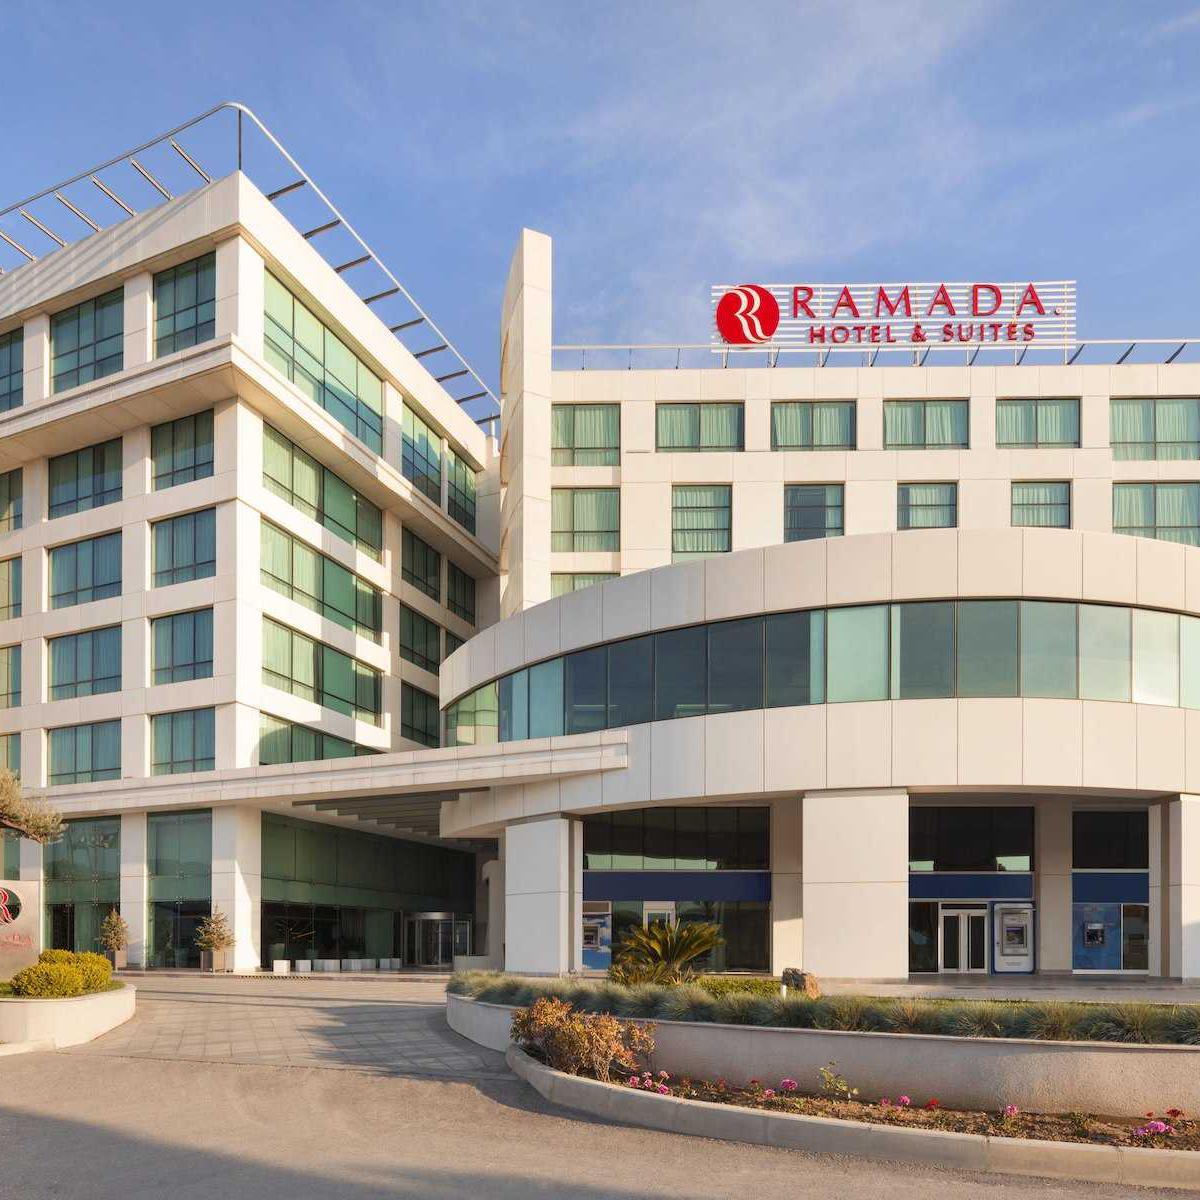 Ramada Hotel Suites Kemalpaşa Yılbaşı